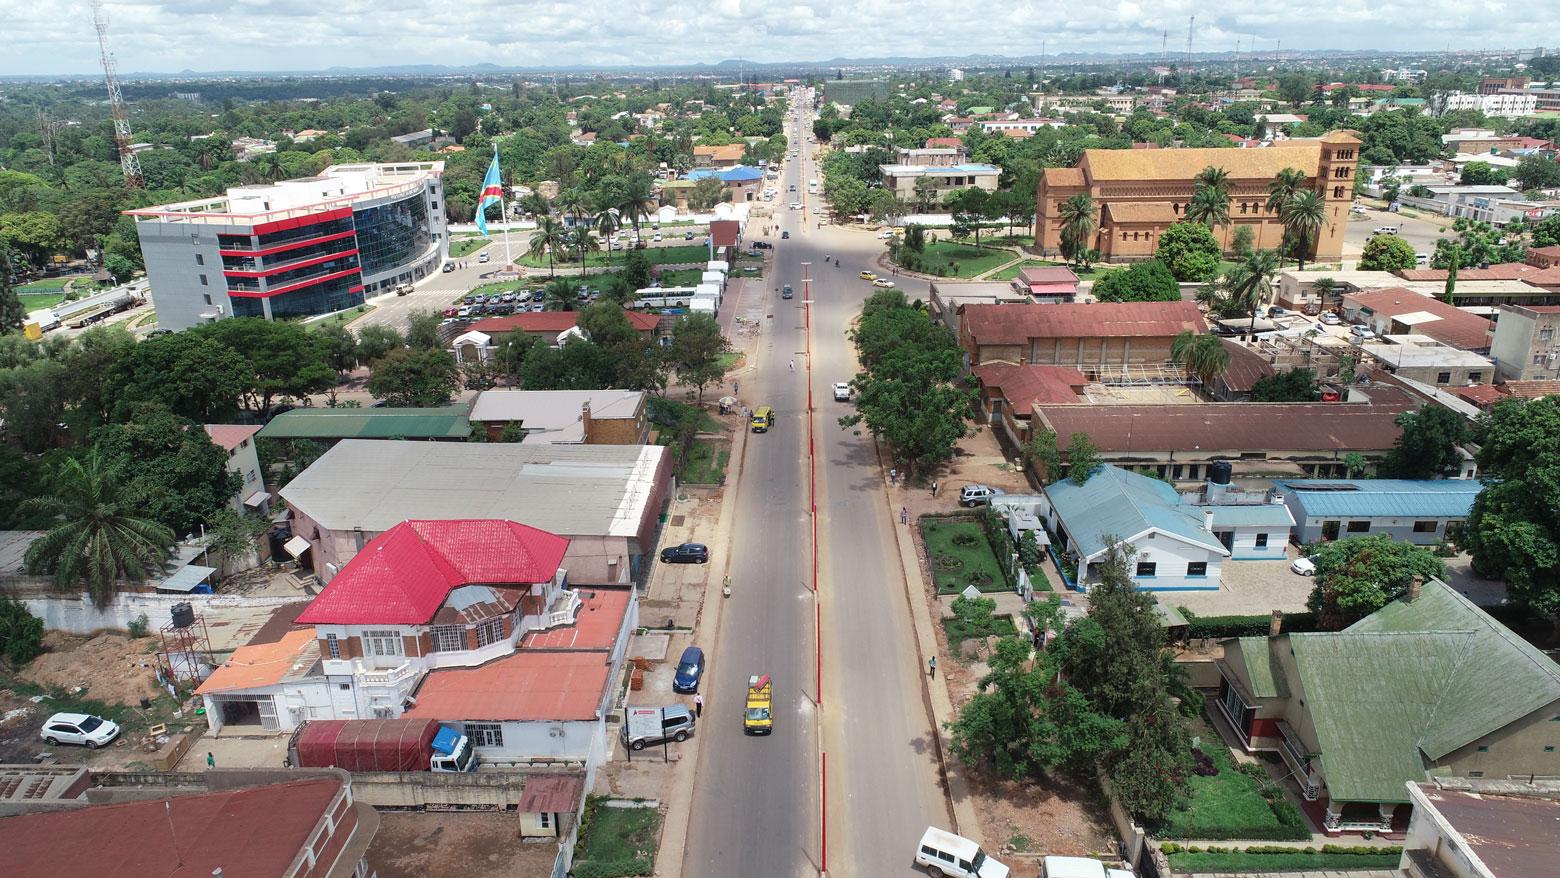 L'avenue Kasavubu avec le gouvernorat et la cathedrale de Lubumbashi en RDC.